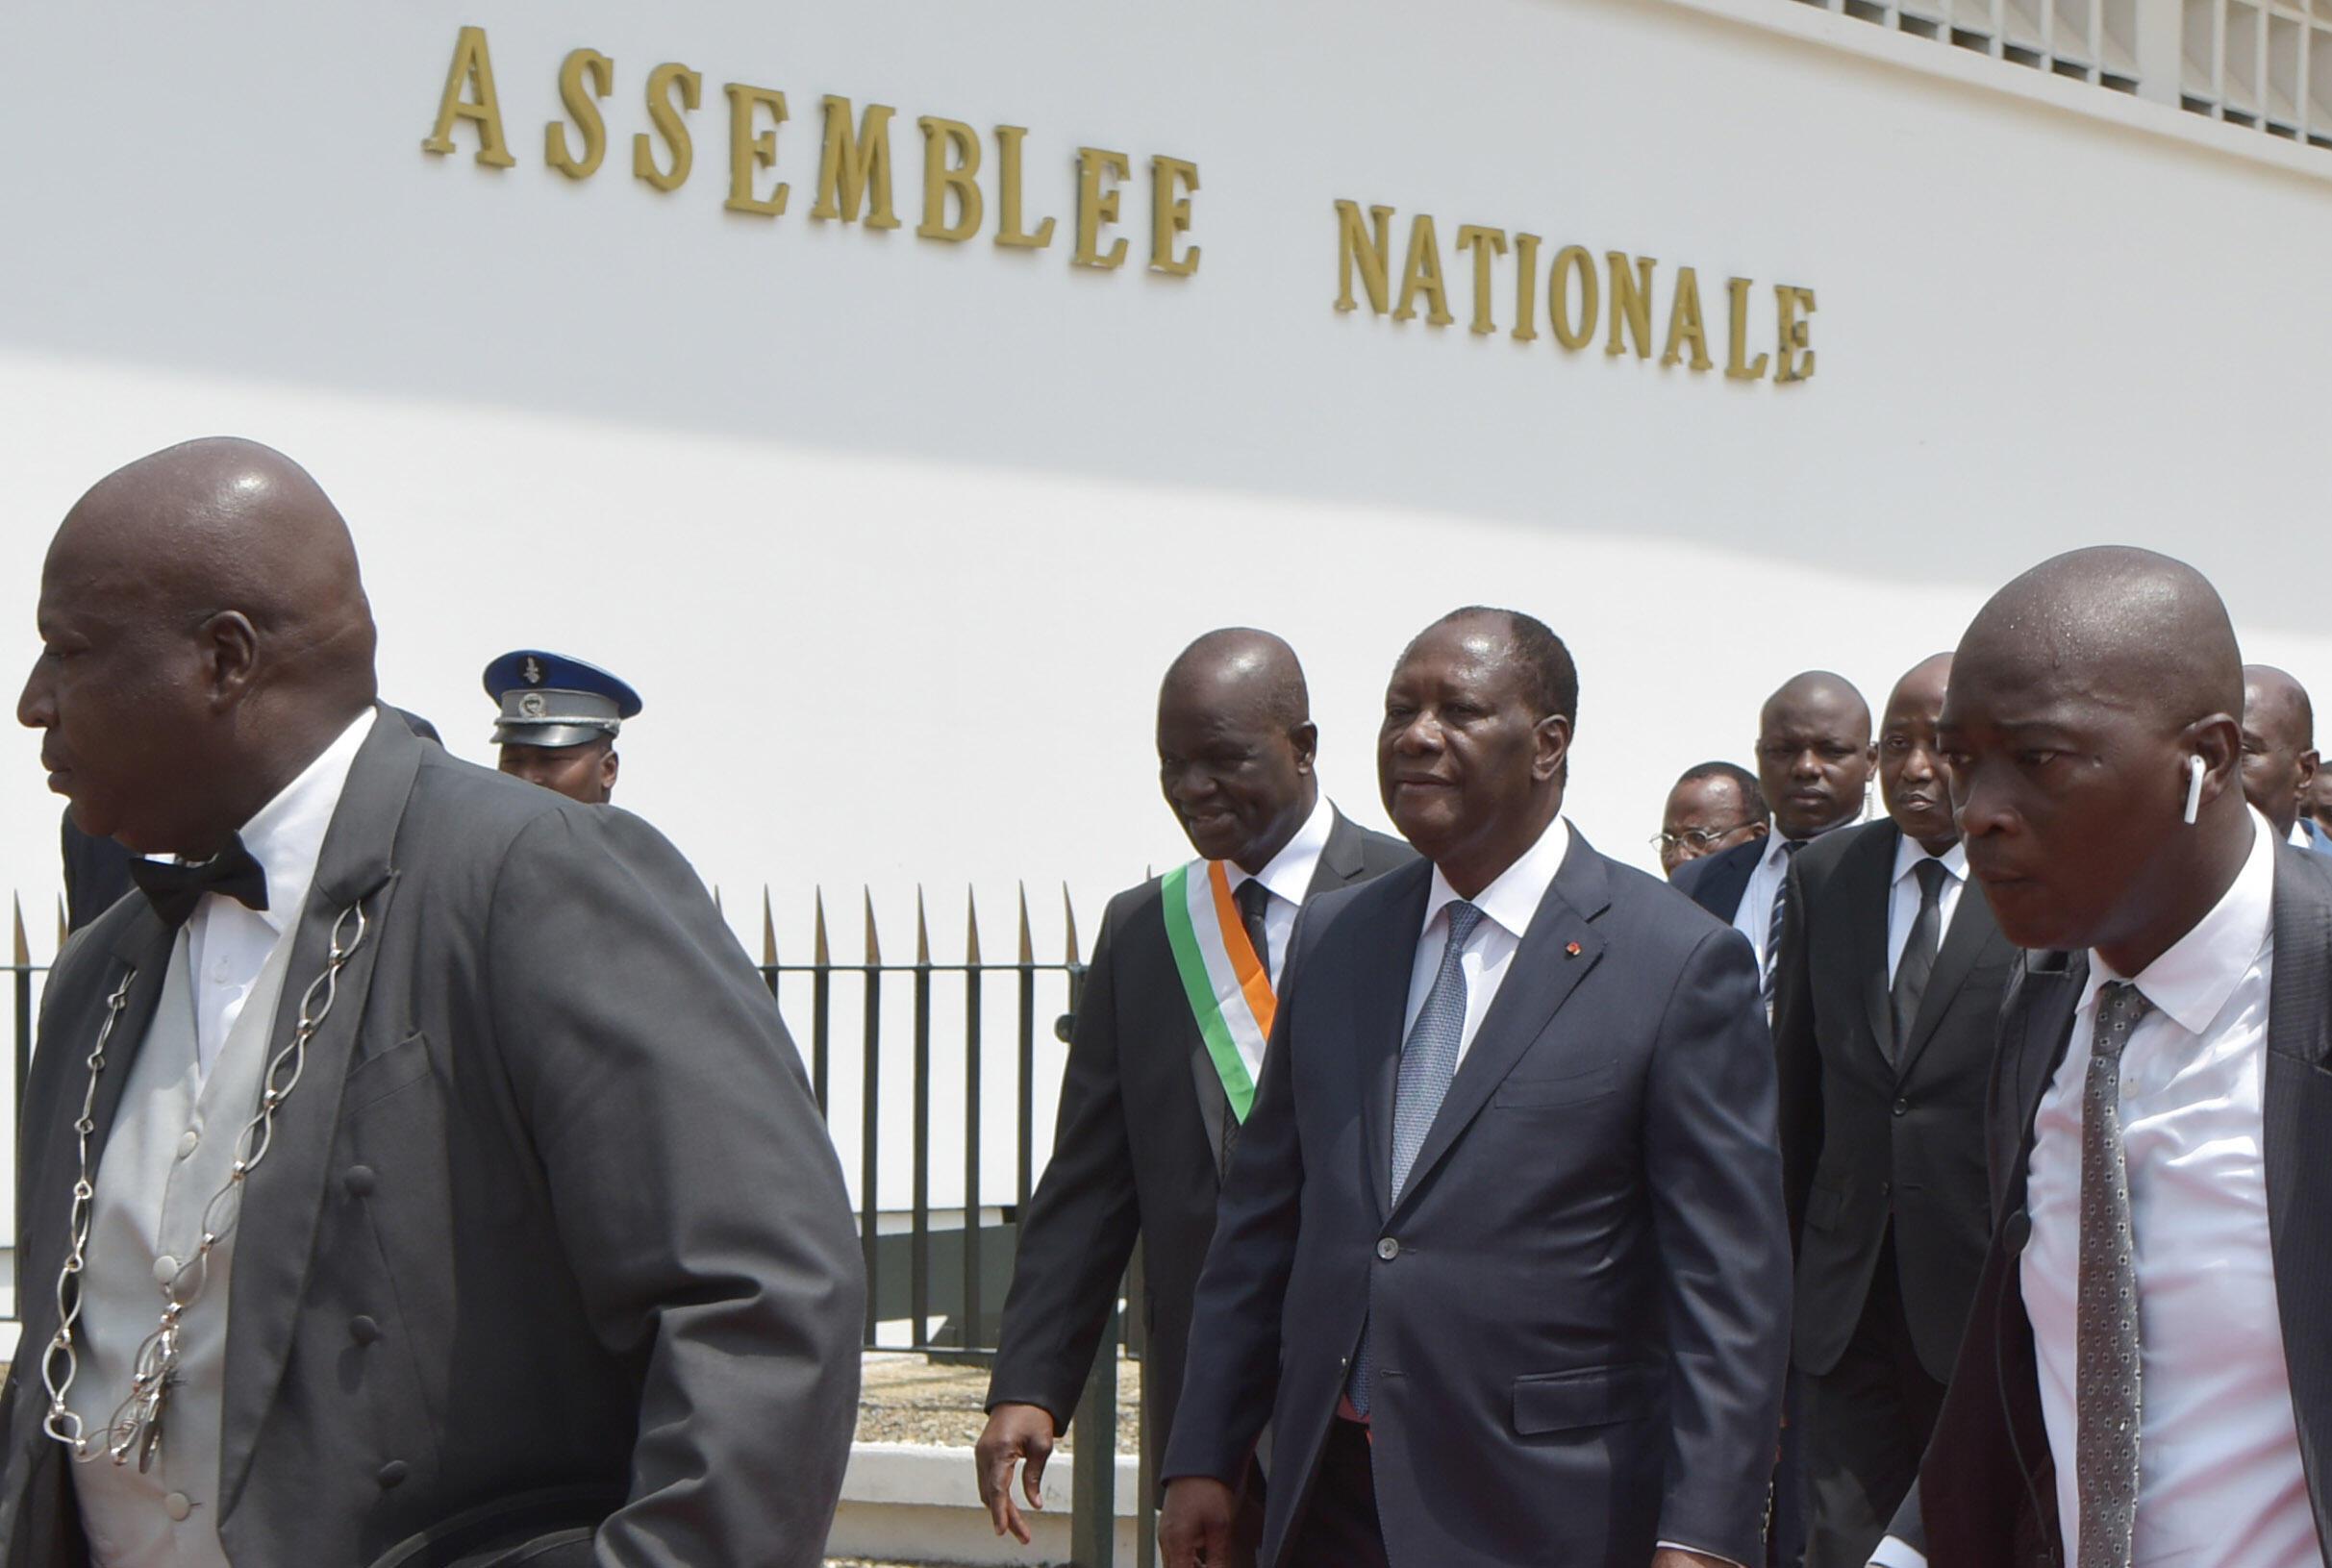 Le président Ouattara accompagné du président de l'Assemblée nationale le 1er avril 2019.